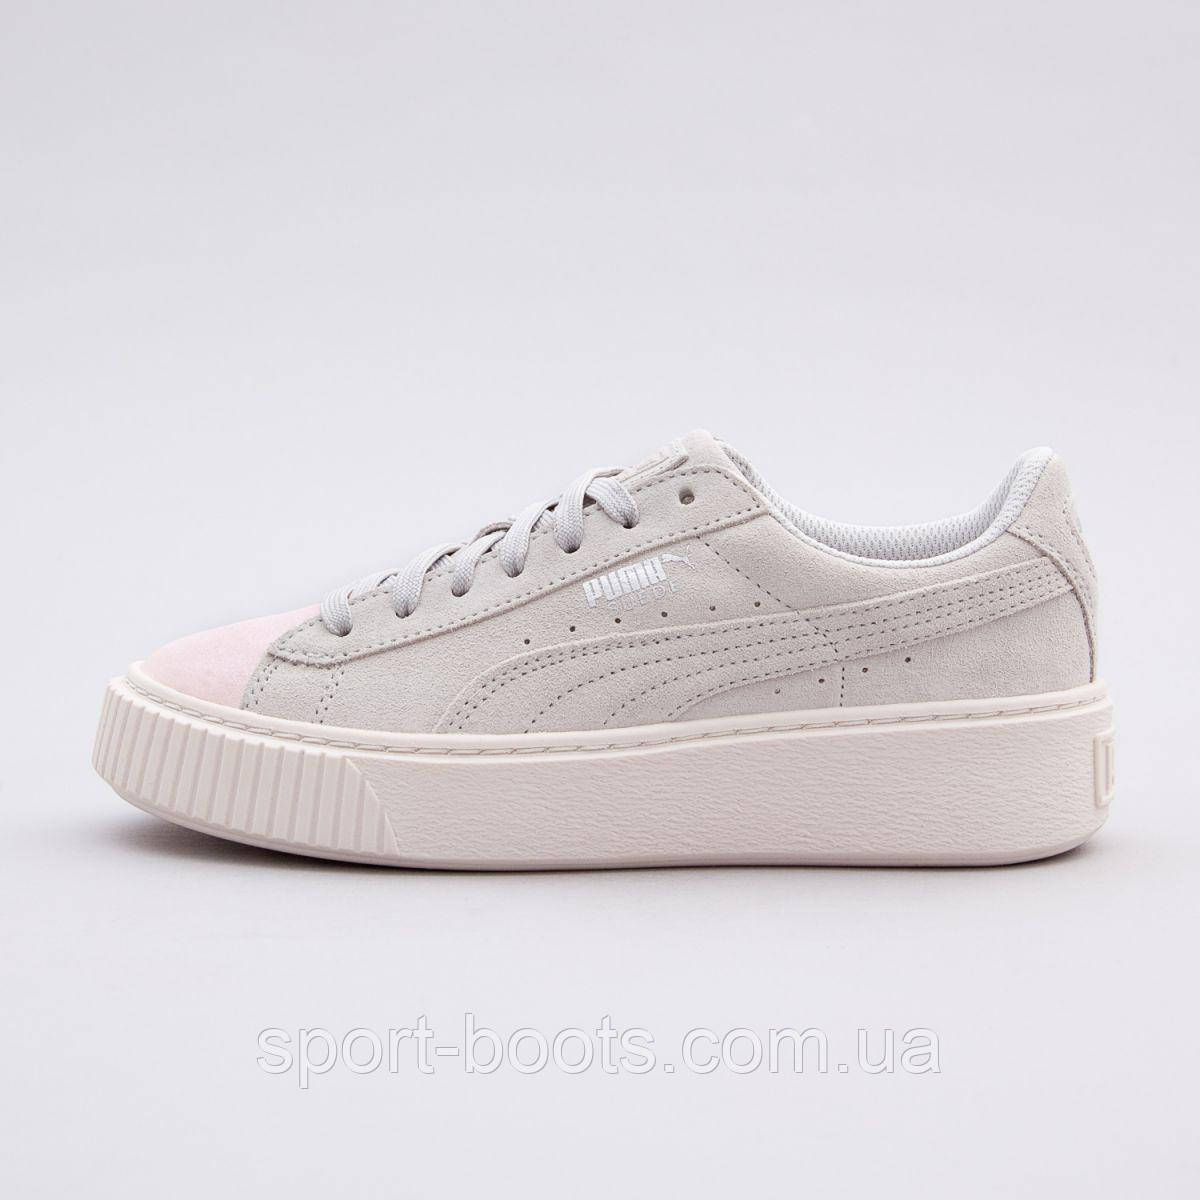 c7091182 Оригинальные кроссовки PUMA SUEDE PLATFORM GLAM JR: продажа, цена в ...